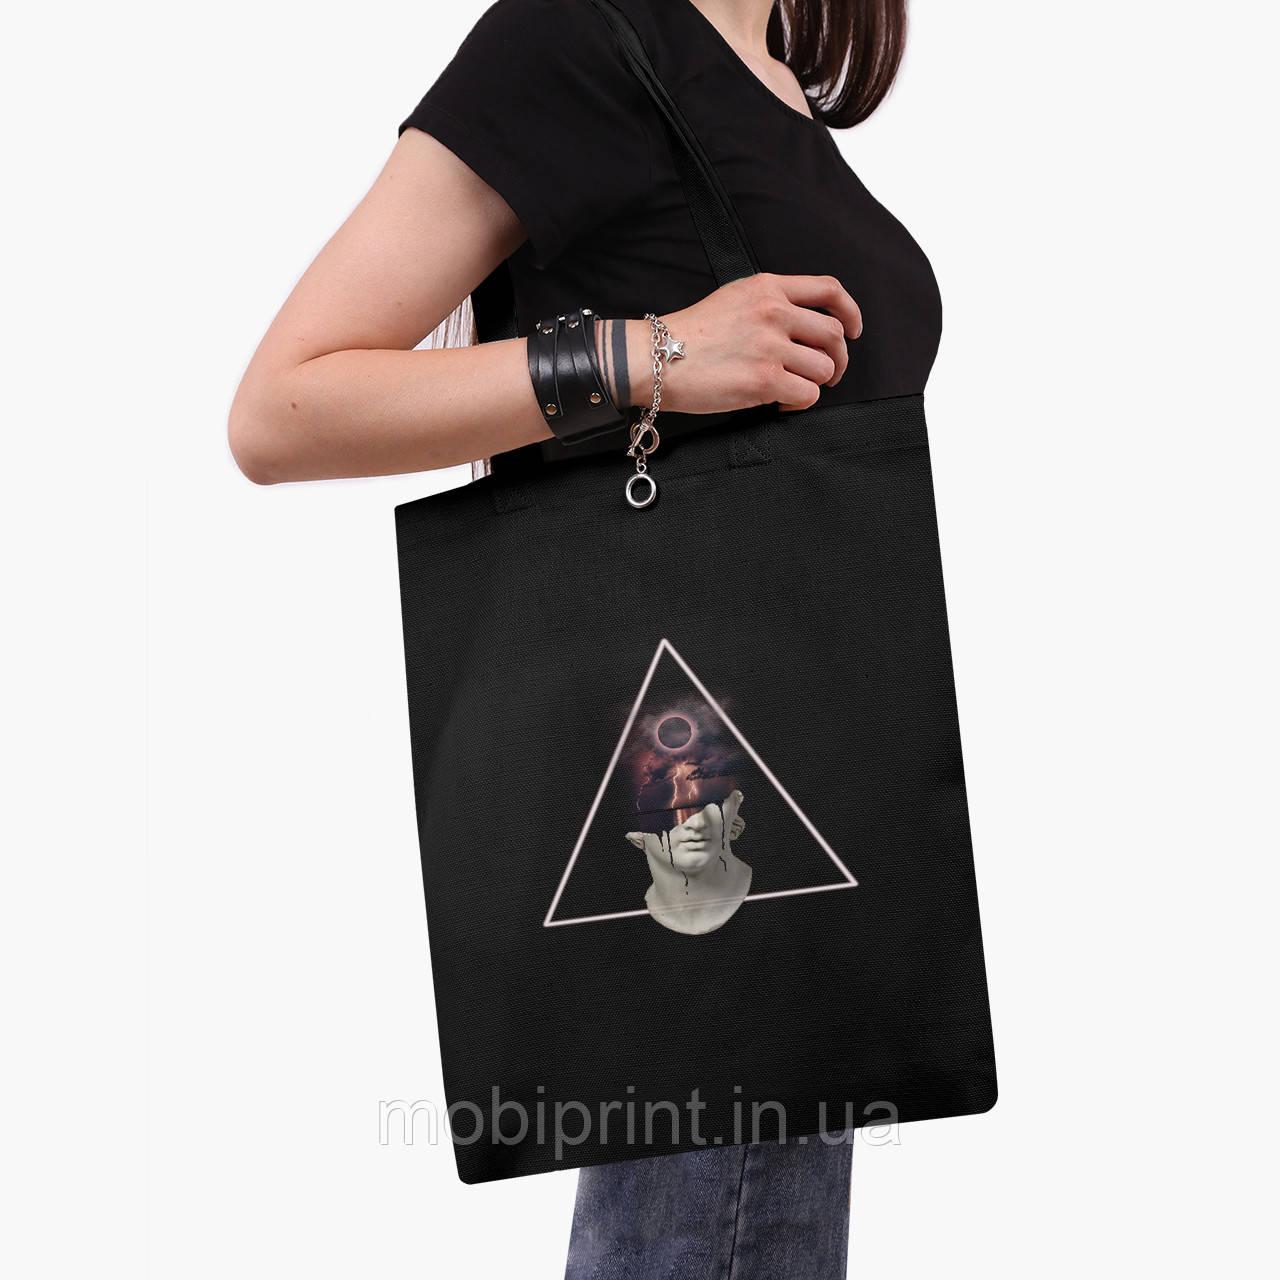 Эко сумка шоппер черная Ренессанс-Александр Великий (Alexander the Great) (9227-1586-2)  экосумка шопер 41*35